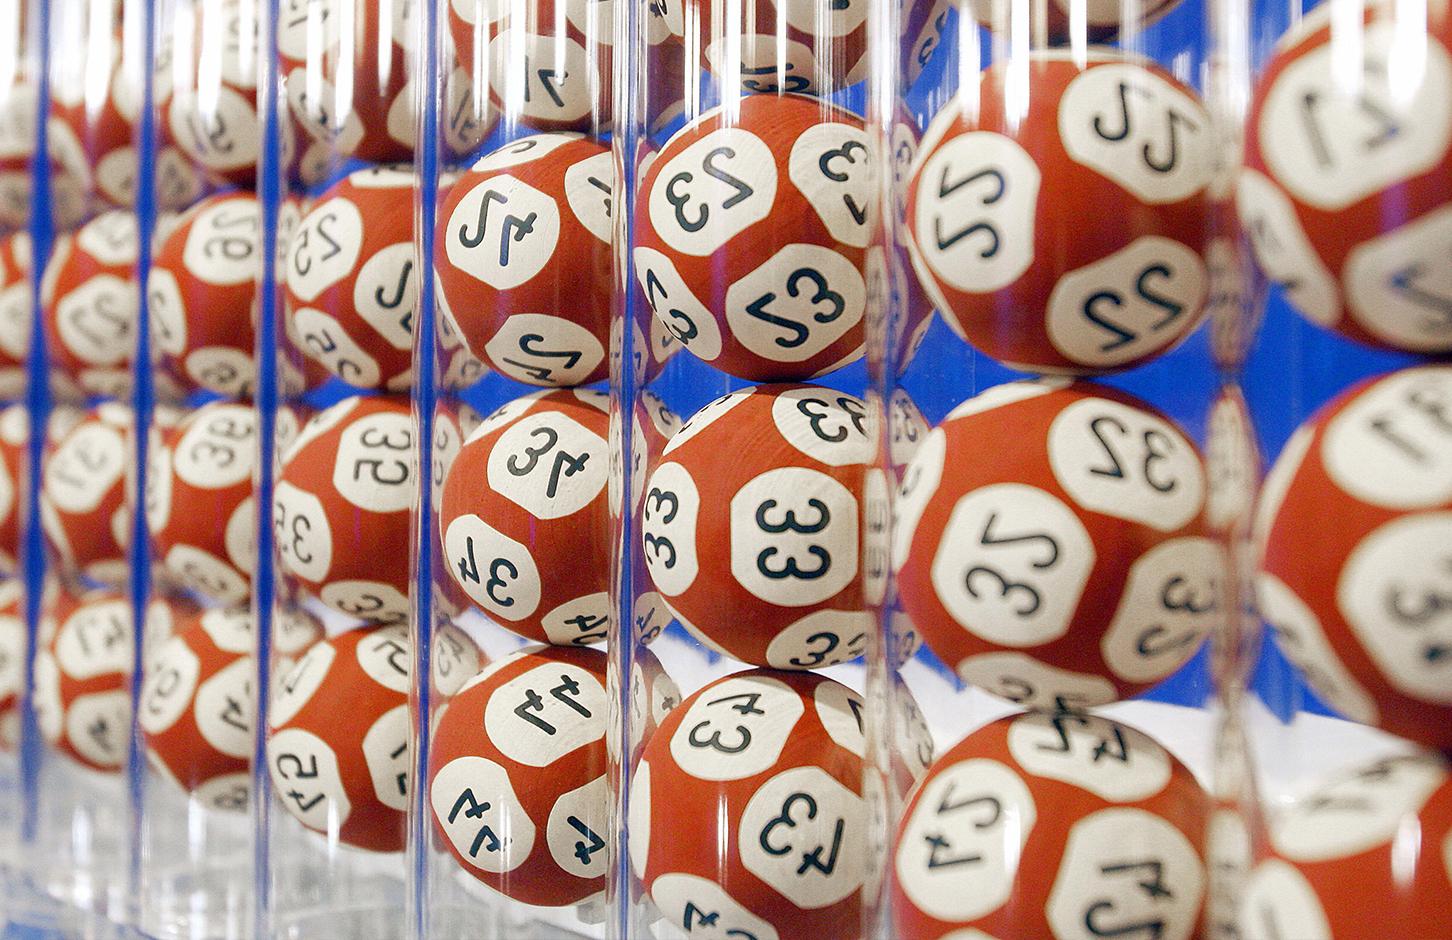 spiel a glücksspirale spiel b lotto